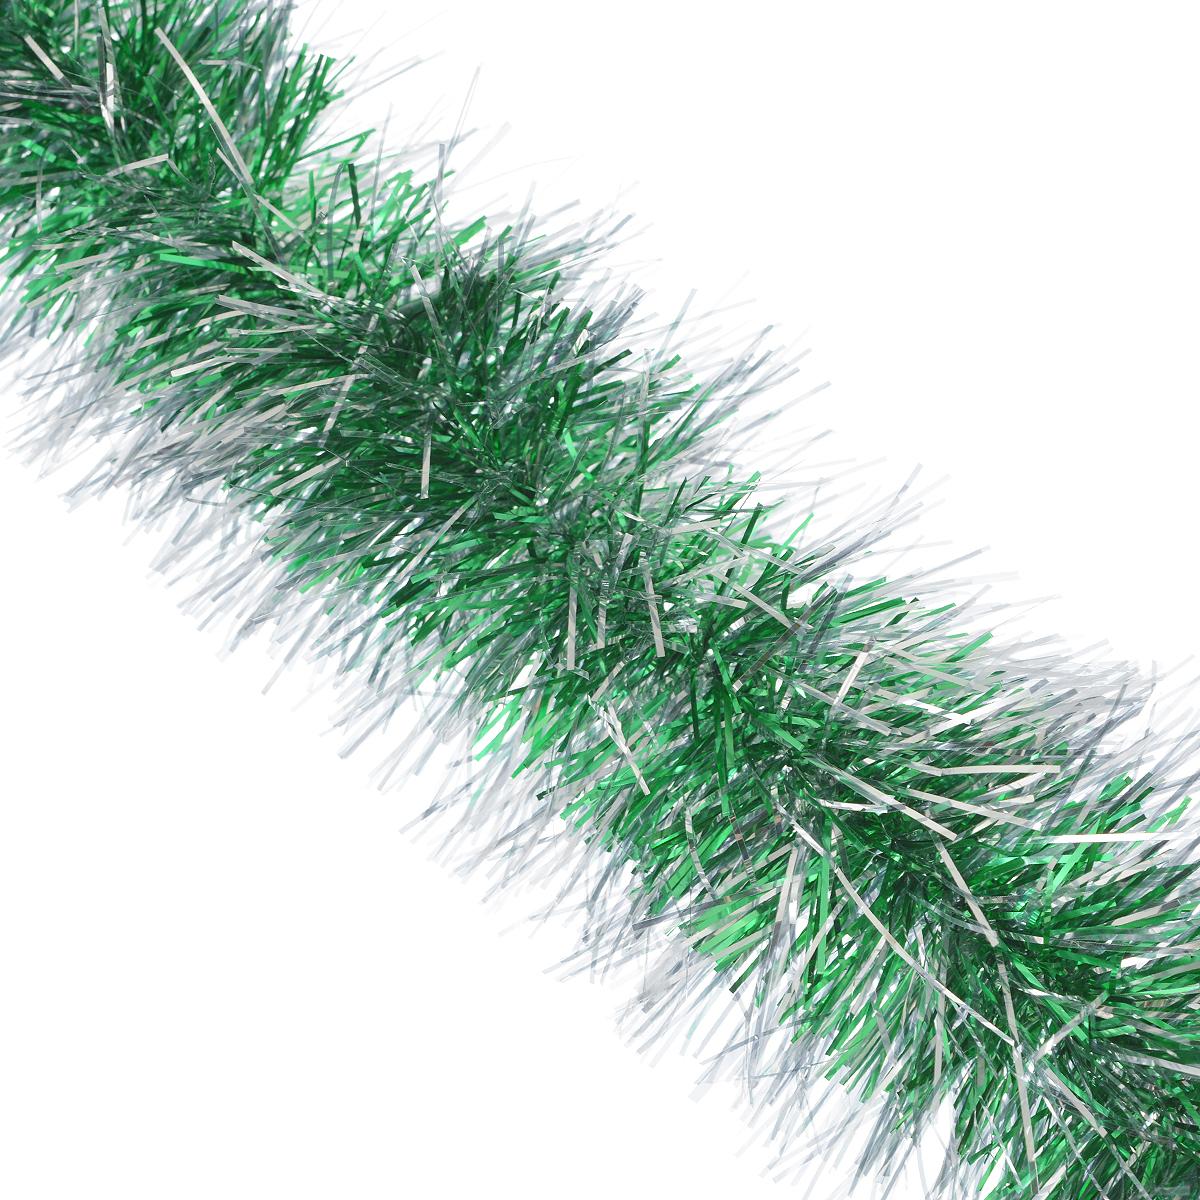 Мишура новогодняя Sima-land, цвет: зеленый, серебристый, диаметр 10 см, длина 160 см. 623233623233Мишура новогодняя Sima-land, выполненная из фольги, поможет вам украситьсвой дом к предстоящим праздникам. Мишура армирована, то есть имеетпроволоку внутри и способна сохранять приданную ейформу. Новогодняя елка с таким украшением станет еще наряднее.Новогодней мишурой можно украсить все, что угодно - елку, квартиру, дачу, офис -как внутри, так и снаружи. Можно сложить новогодние поздравления, буквы ицифры, мишурой можно украсить и дополнить гирлянды, можно выделитьдверные колонны, оплести дверные проемы.